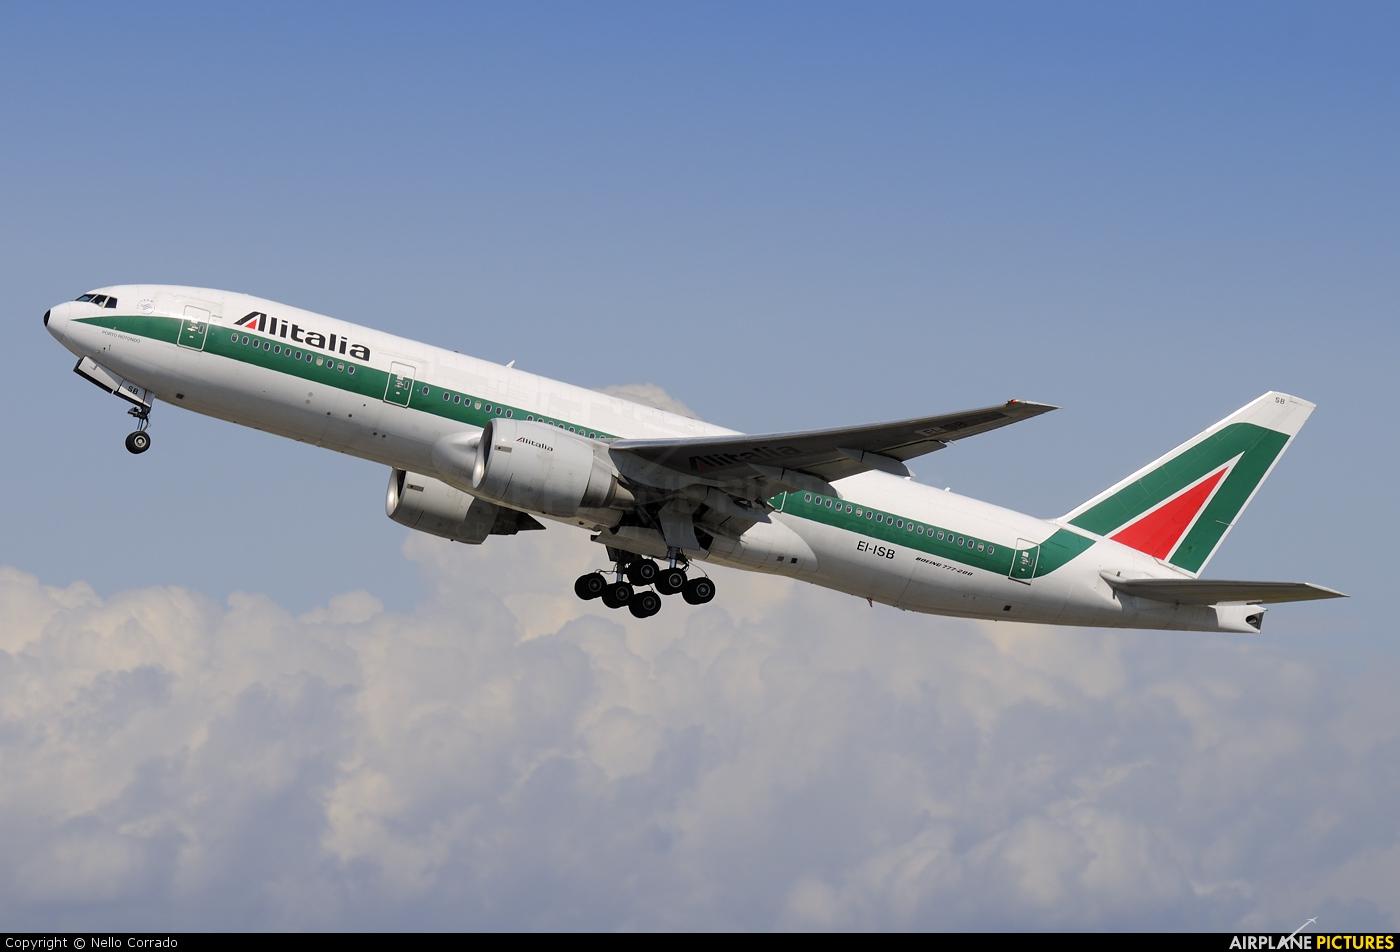 Jet Privato Alitalia : Ei isb alitalia boeing er at rome fiumicino